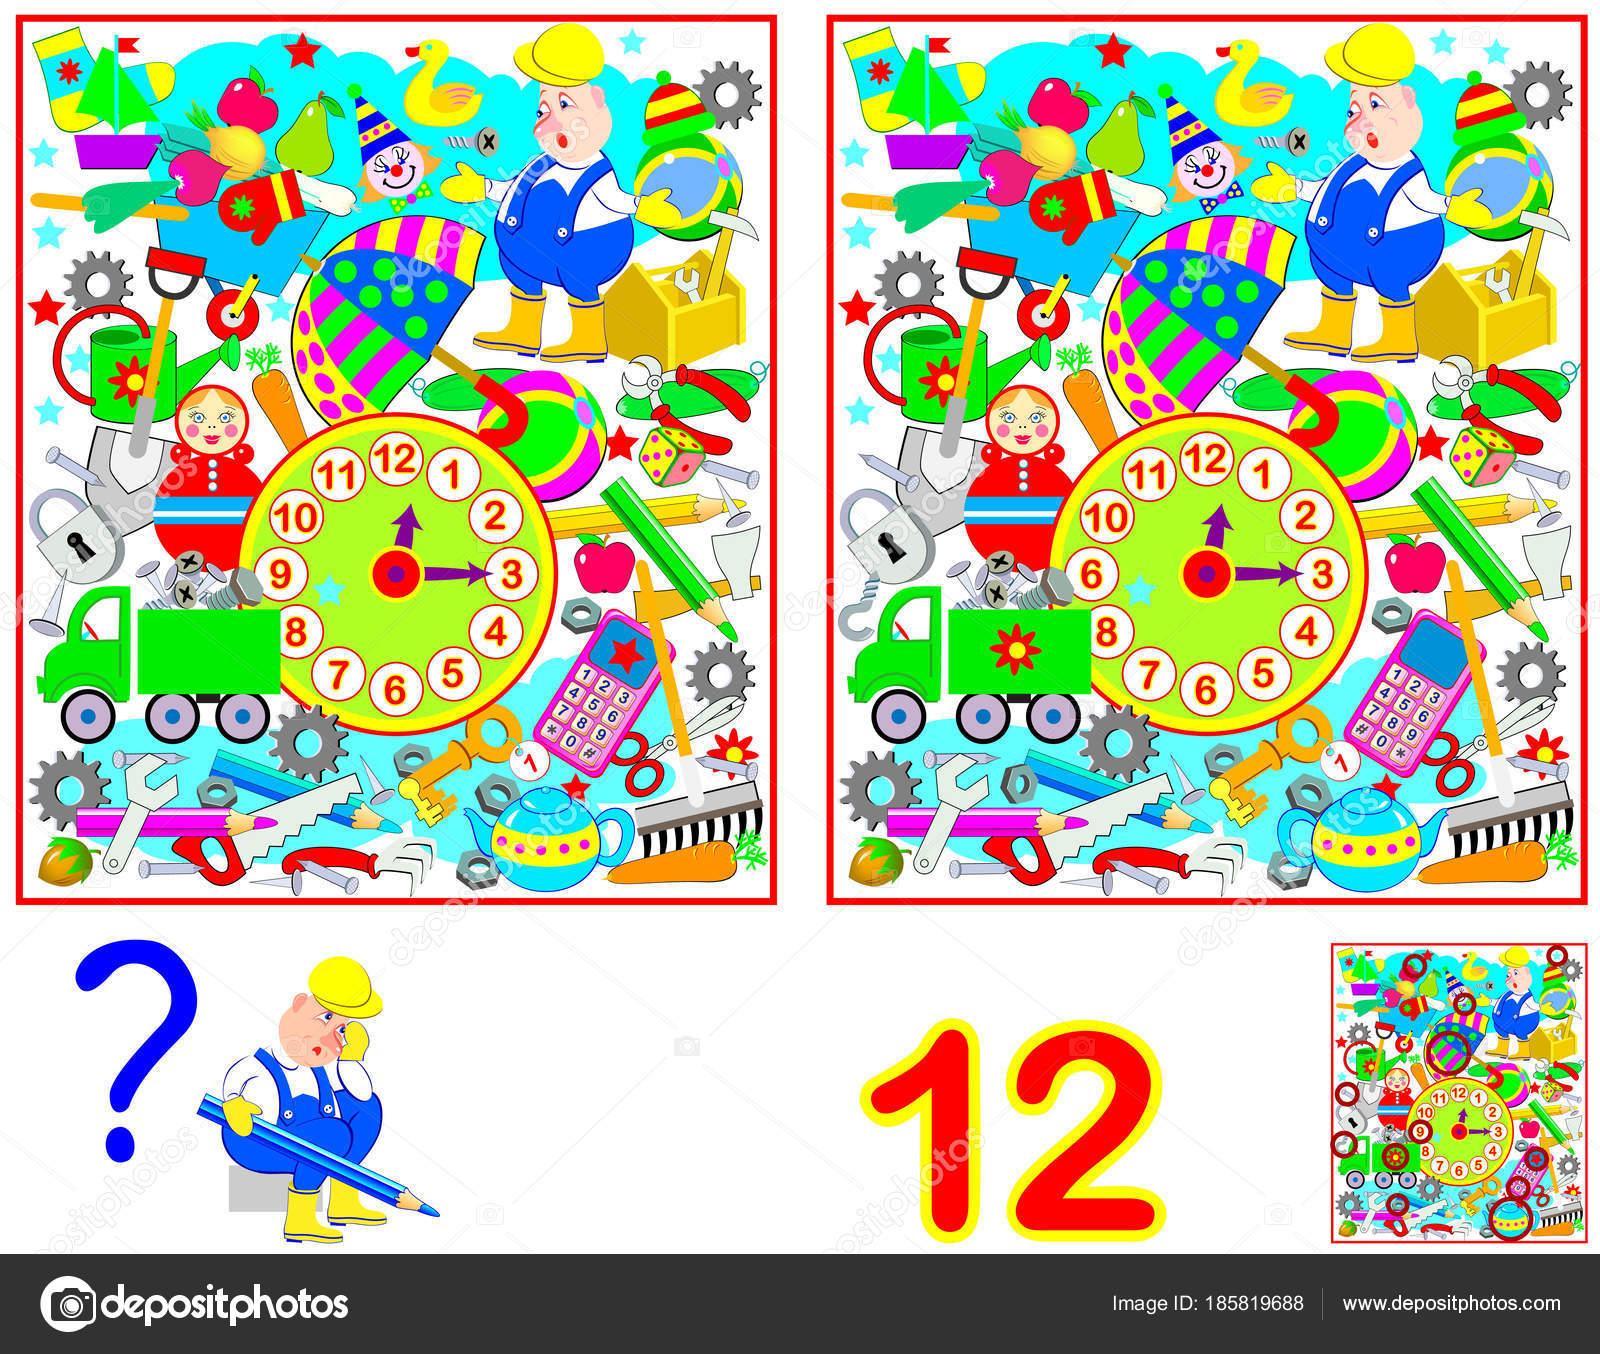 Juegos Las 7 Diferencias Para Ninos Juego Puzzle Logica Para Ninos